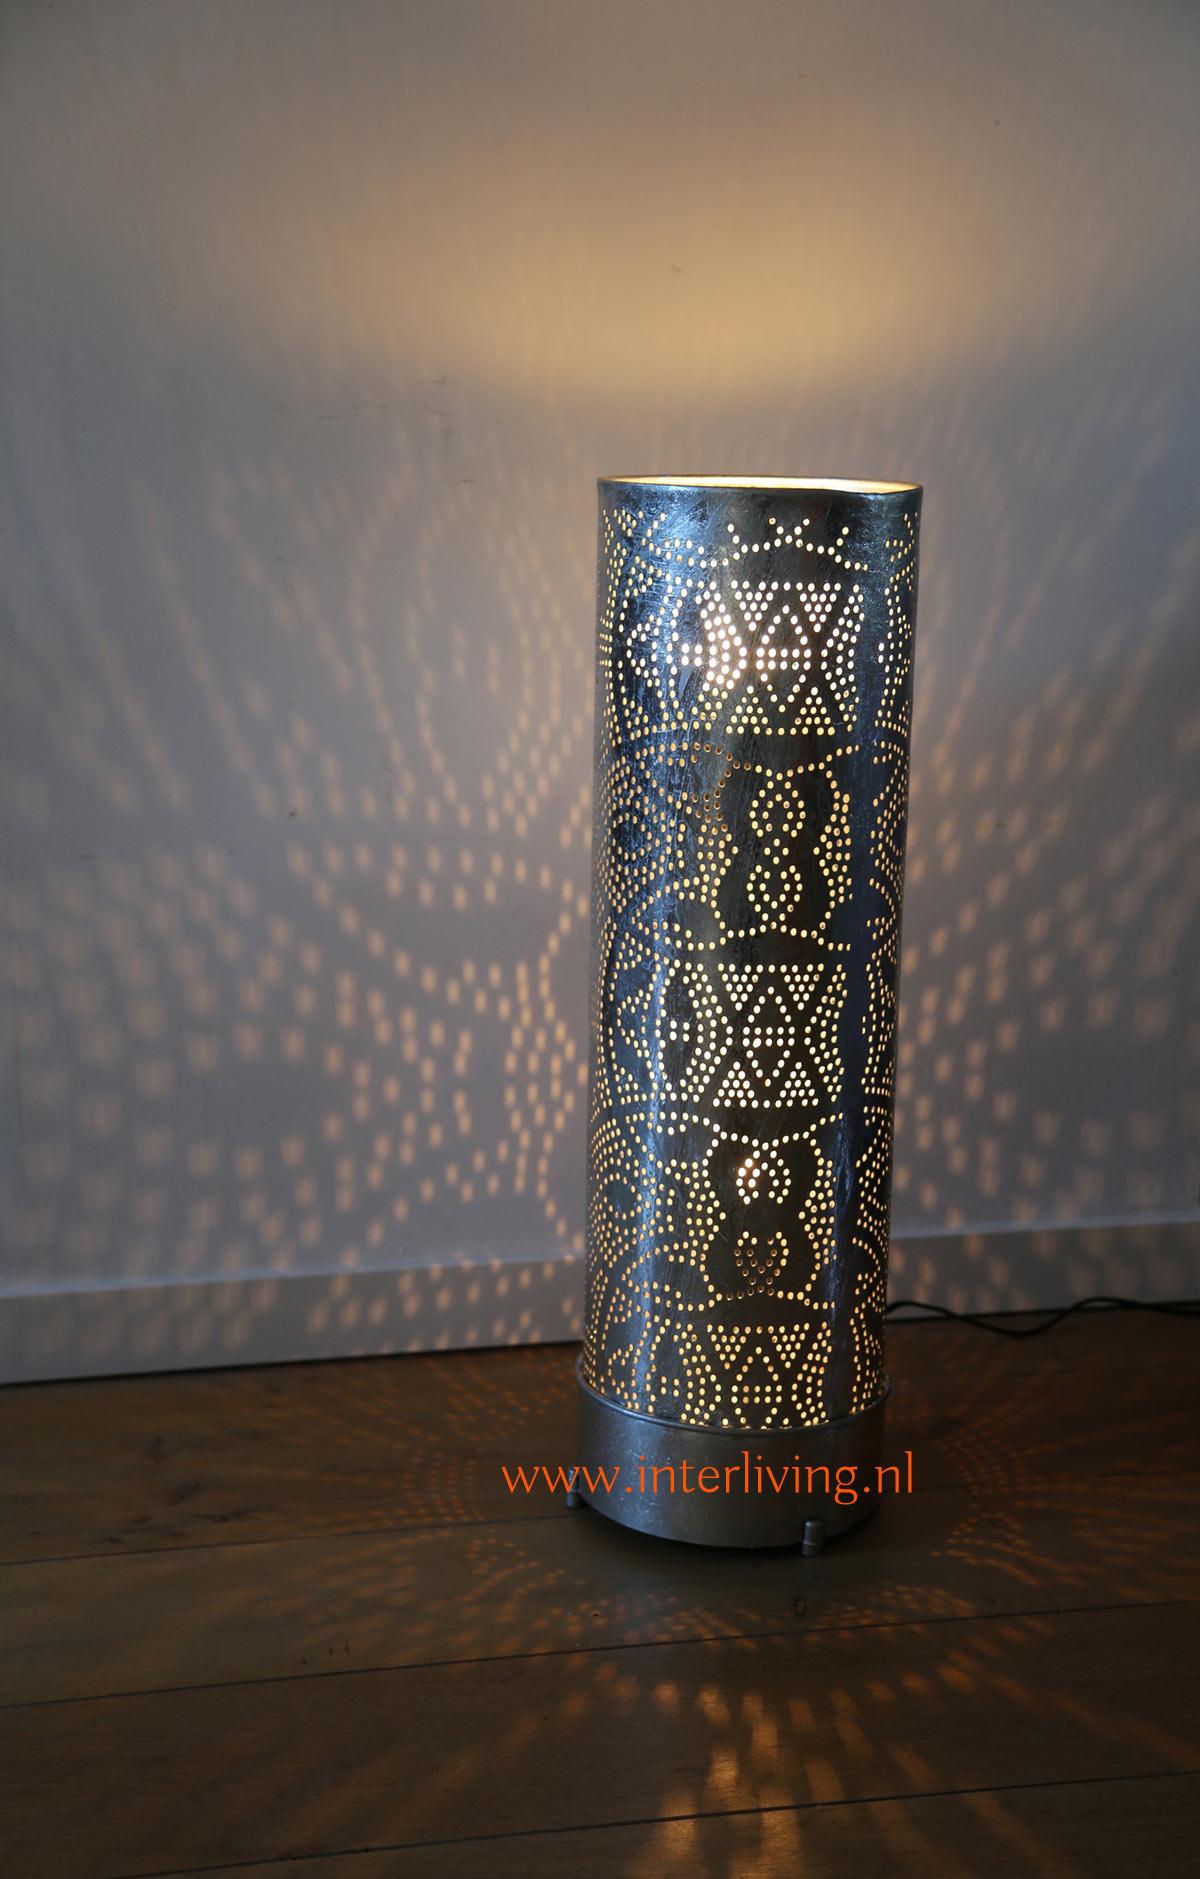 oosters-vloerlamp-van metaal-cilinder-buis-gaatjeslamp